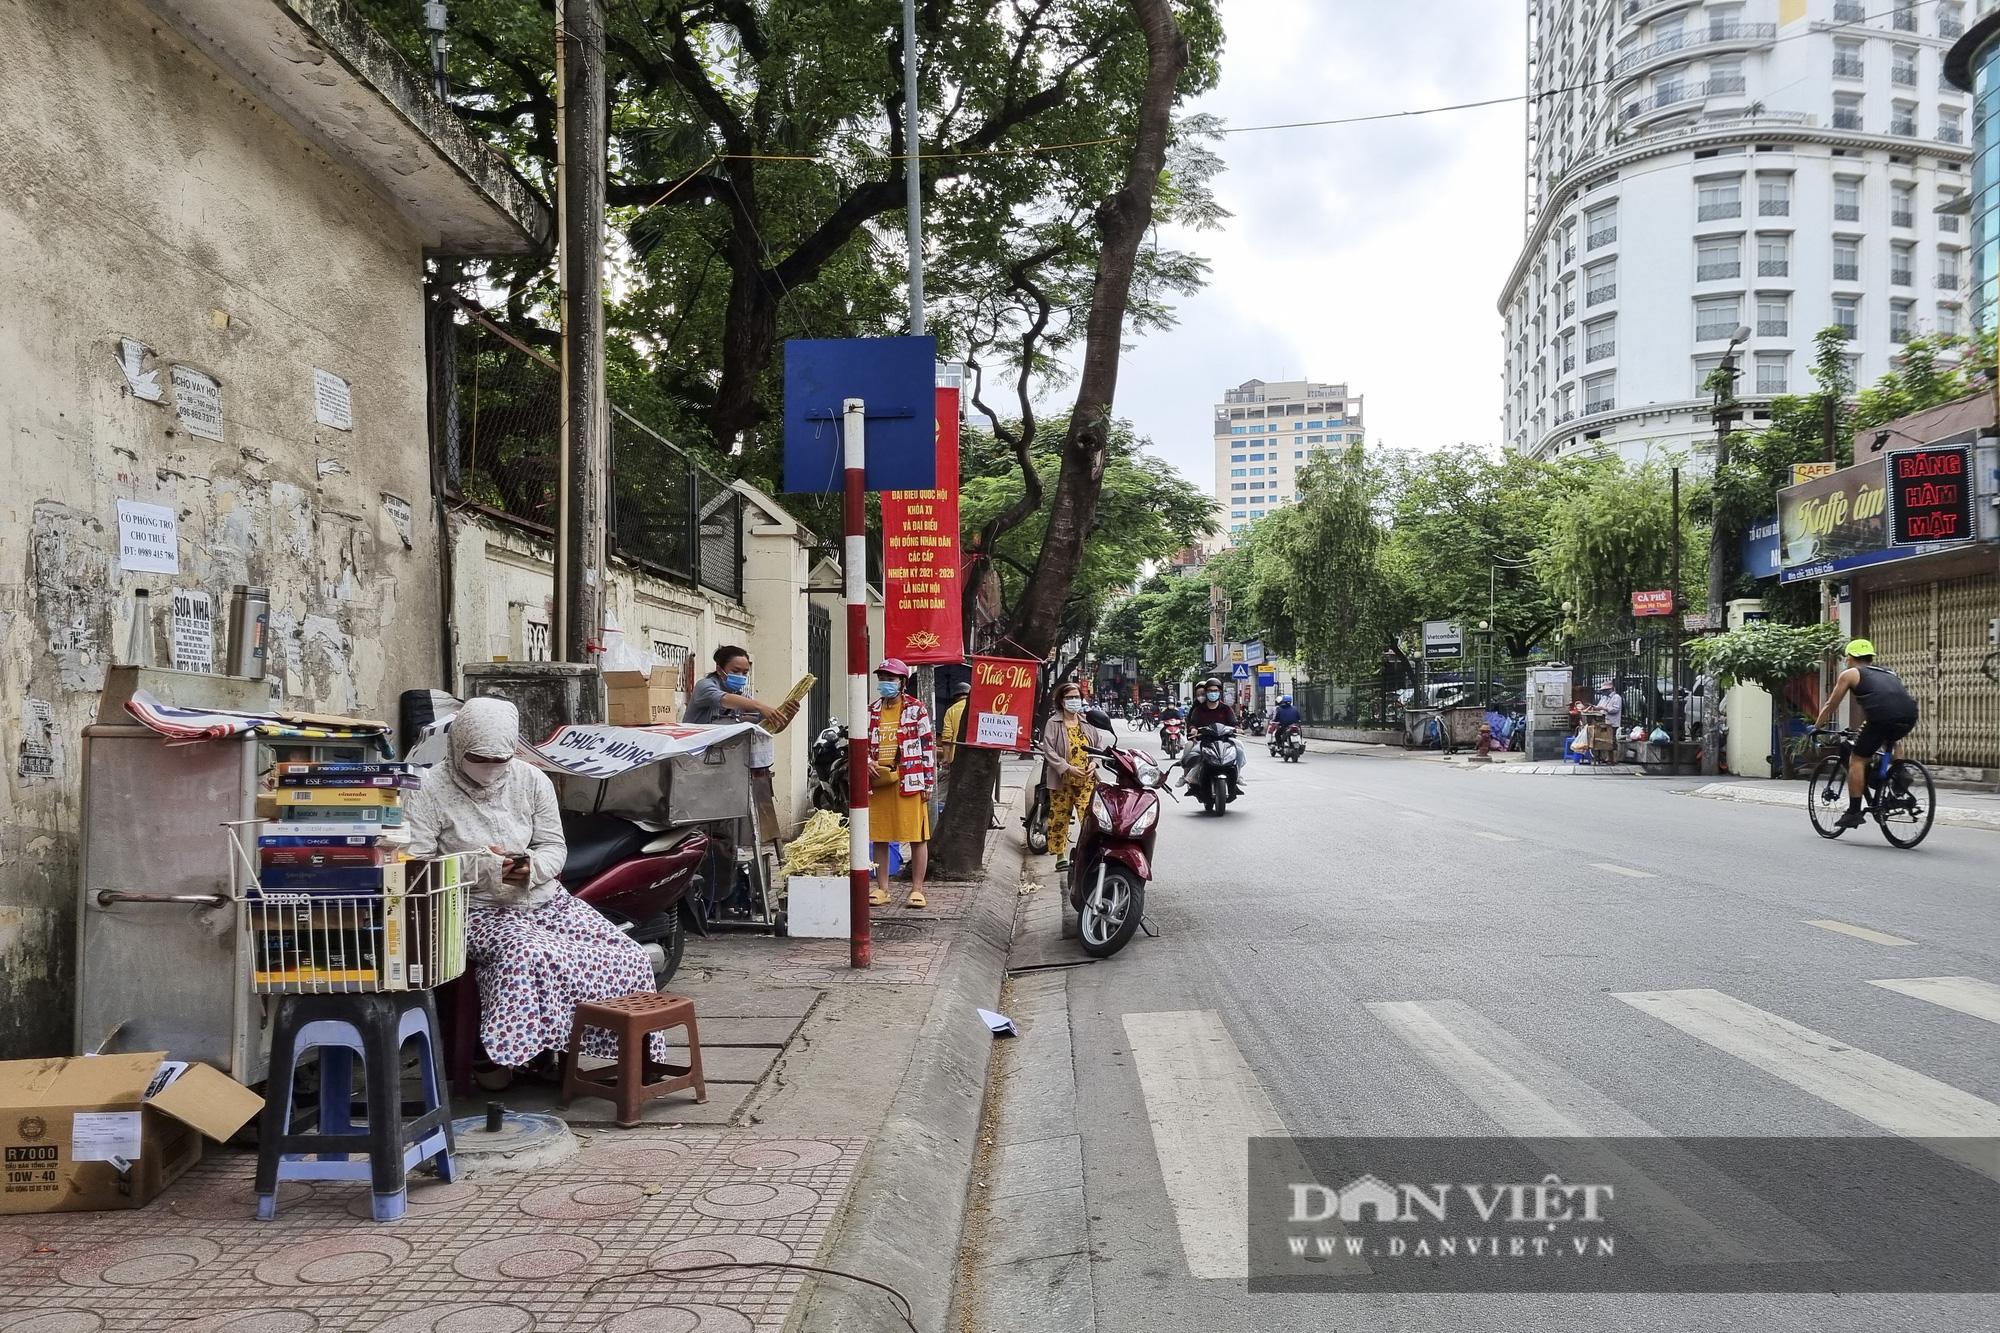 Hà Nội: Nhà hàng, quán cà phê, trà đá vỉa hè nơi chấp hành tốt, nơi vẫn ngang nhiên hoạt động  - Ảnh 7.